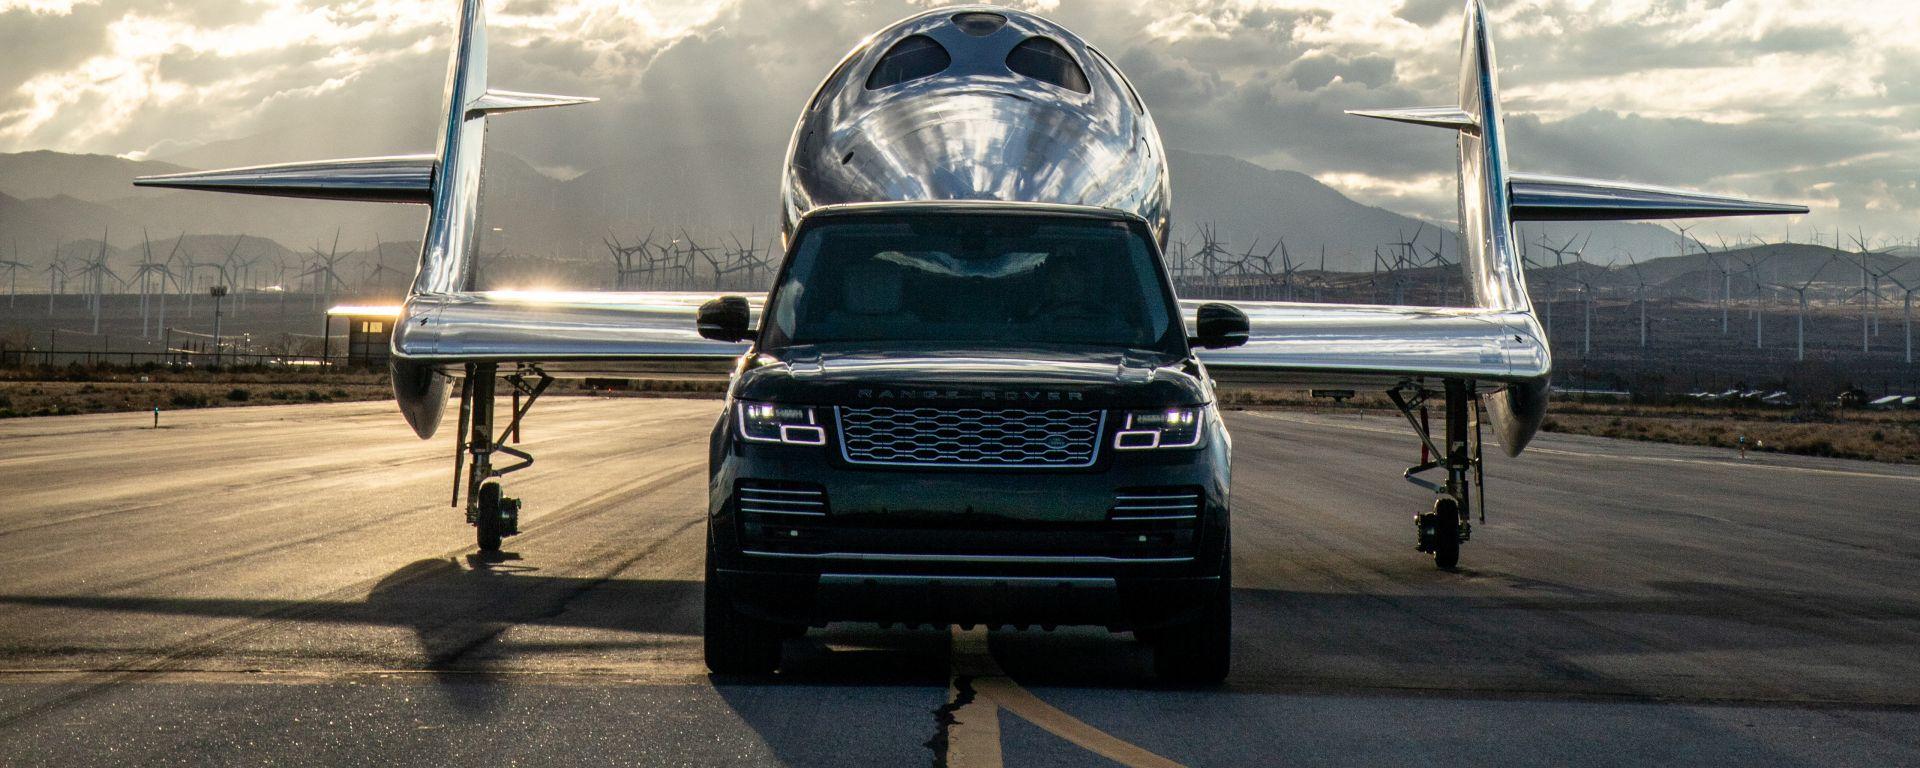 Land Rover al fianco di Virgin Galactic per i voli spaziali commerciali